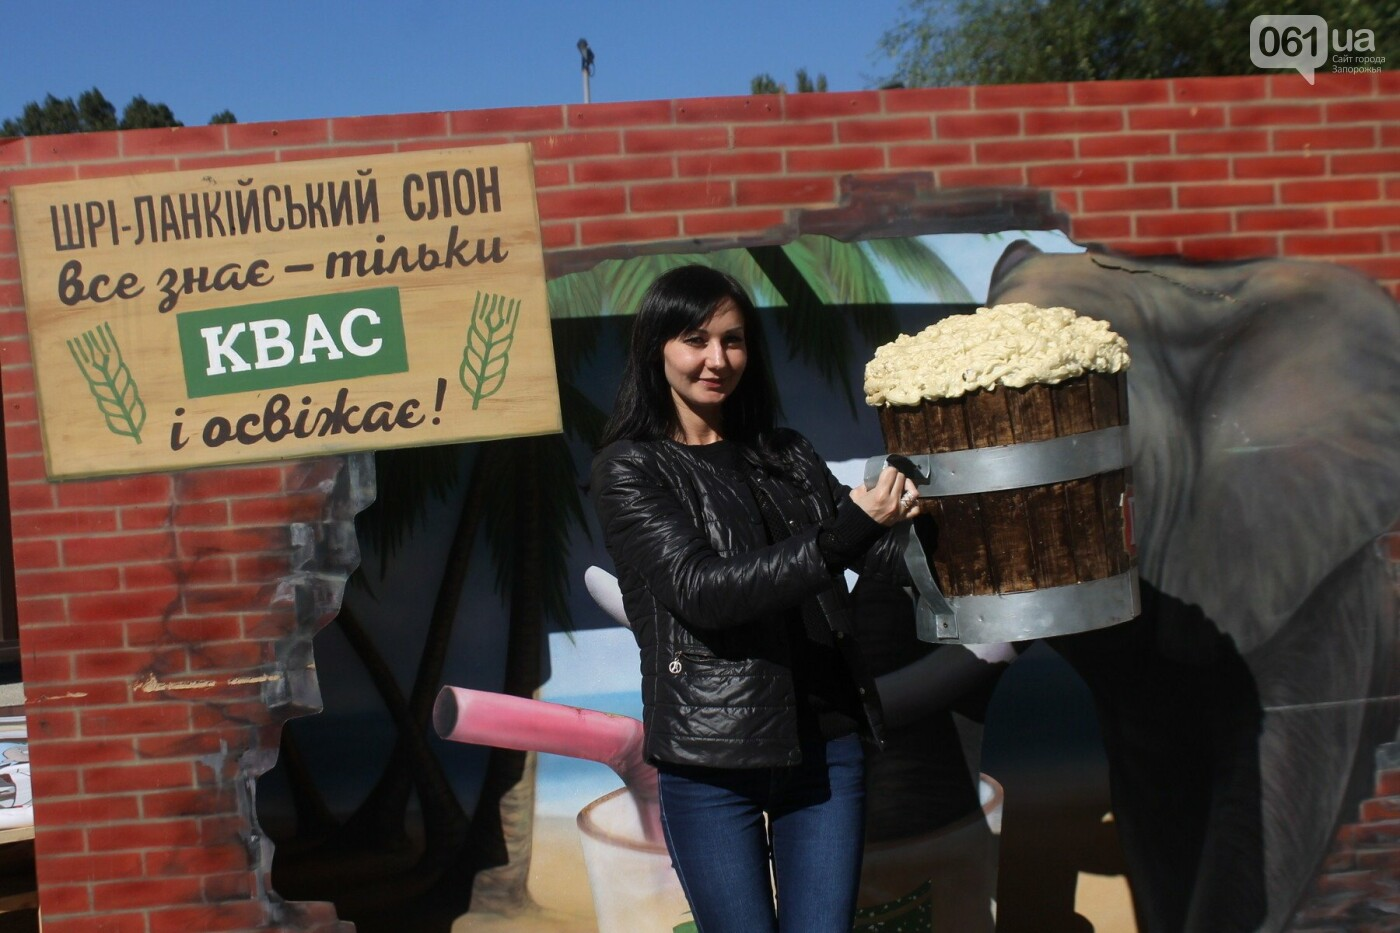 Как в Запорожье прошел пивной фестиваль «Beluga Beer fest», – ФОТОРЕПОРТАЖ, фото-1